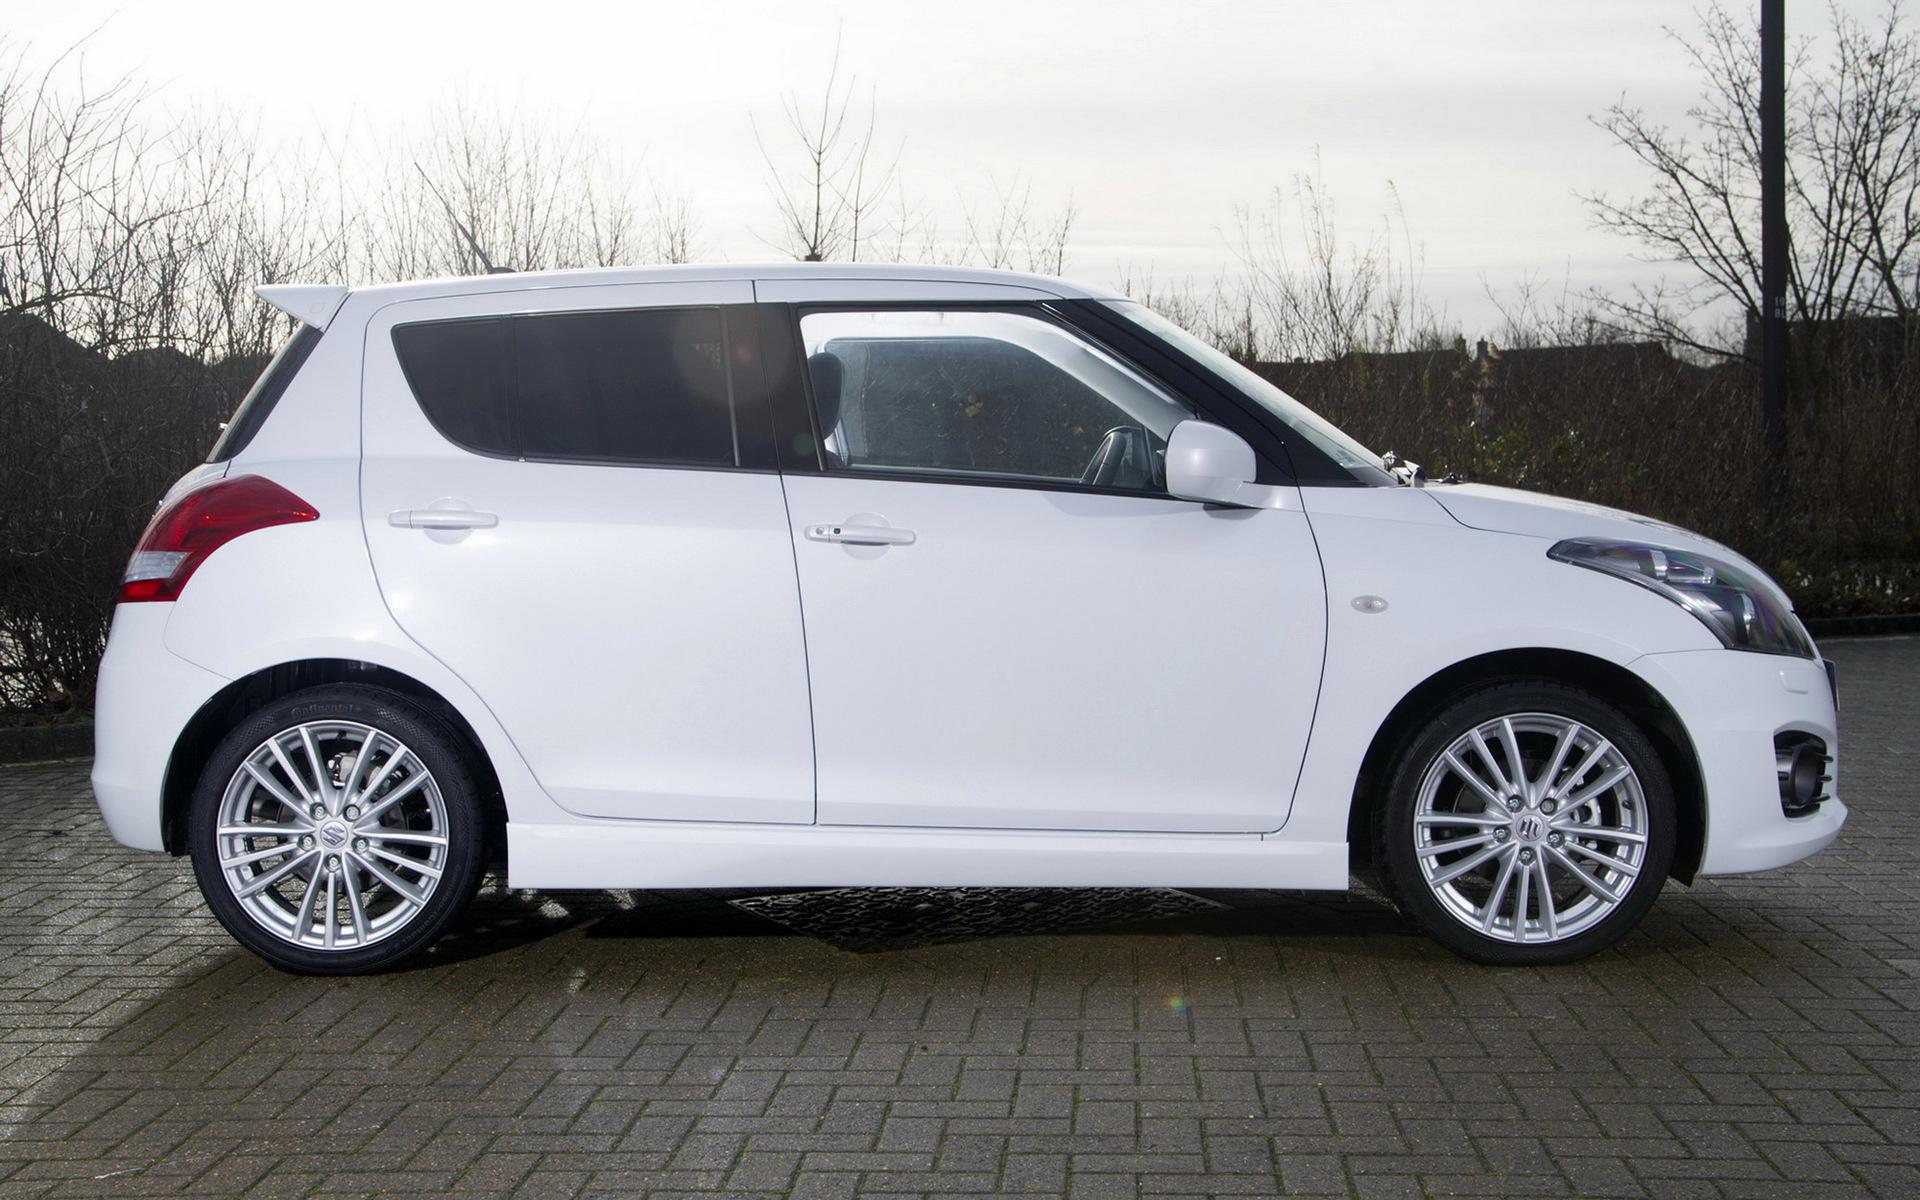 Suzuki Swift Sport 5-door (2013) UK Wallpapers and HD Images - Car